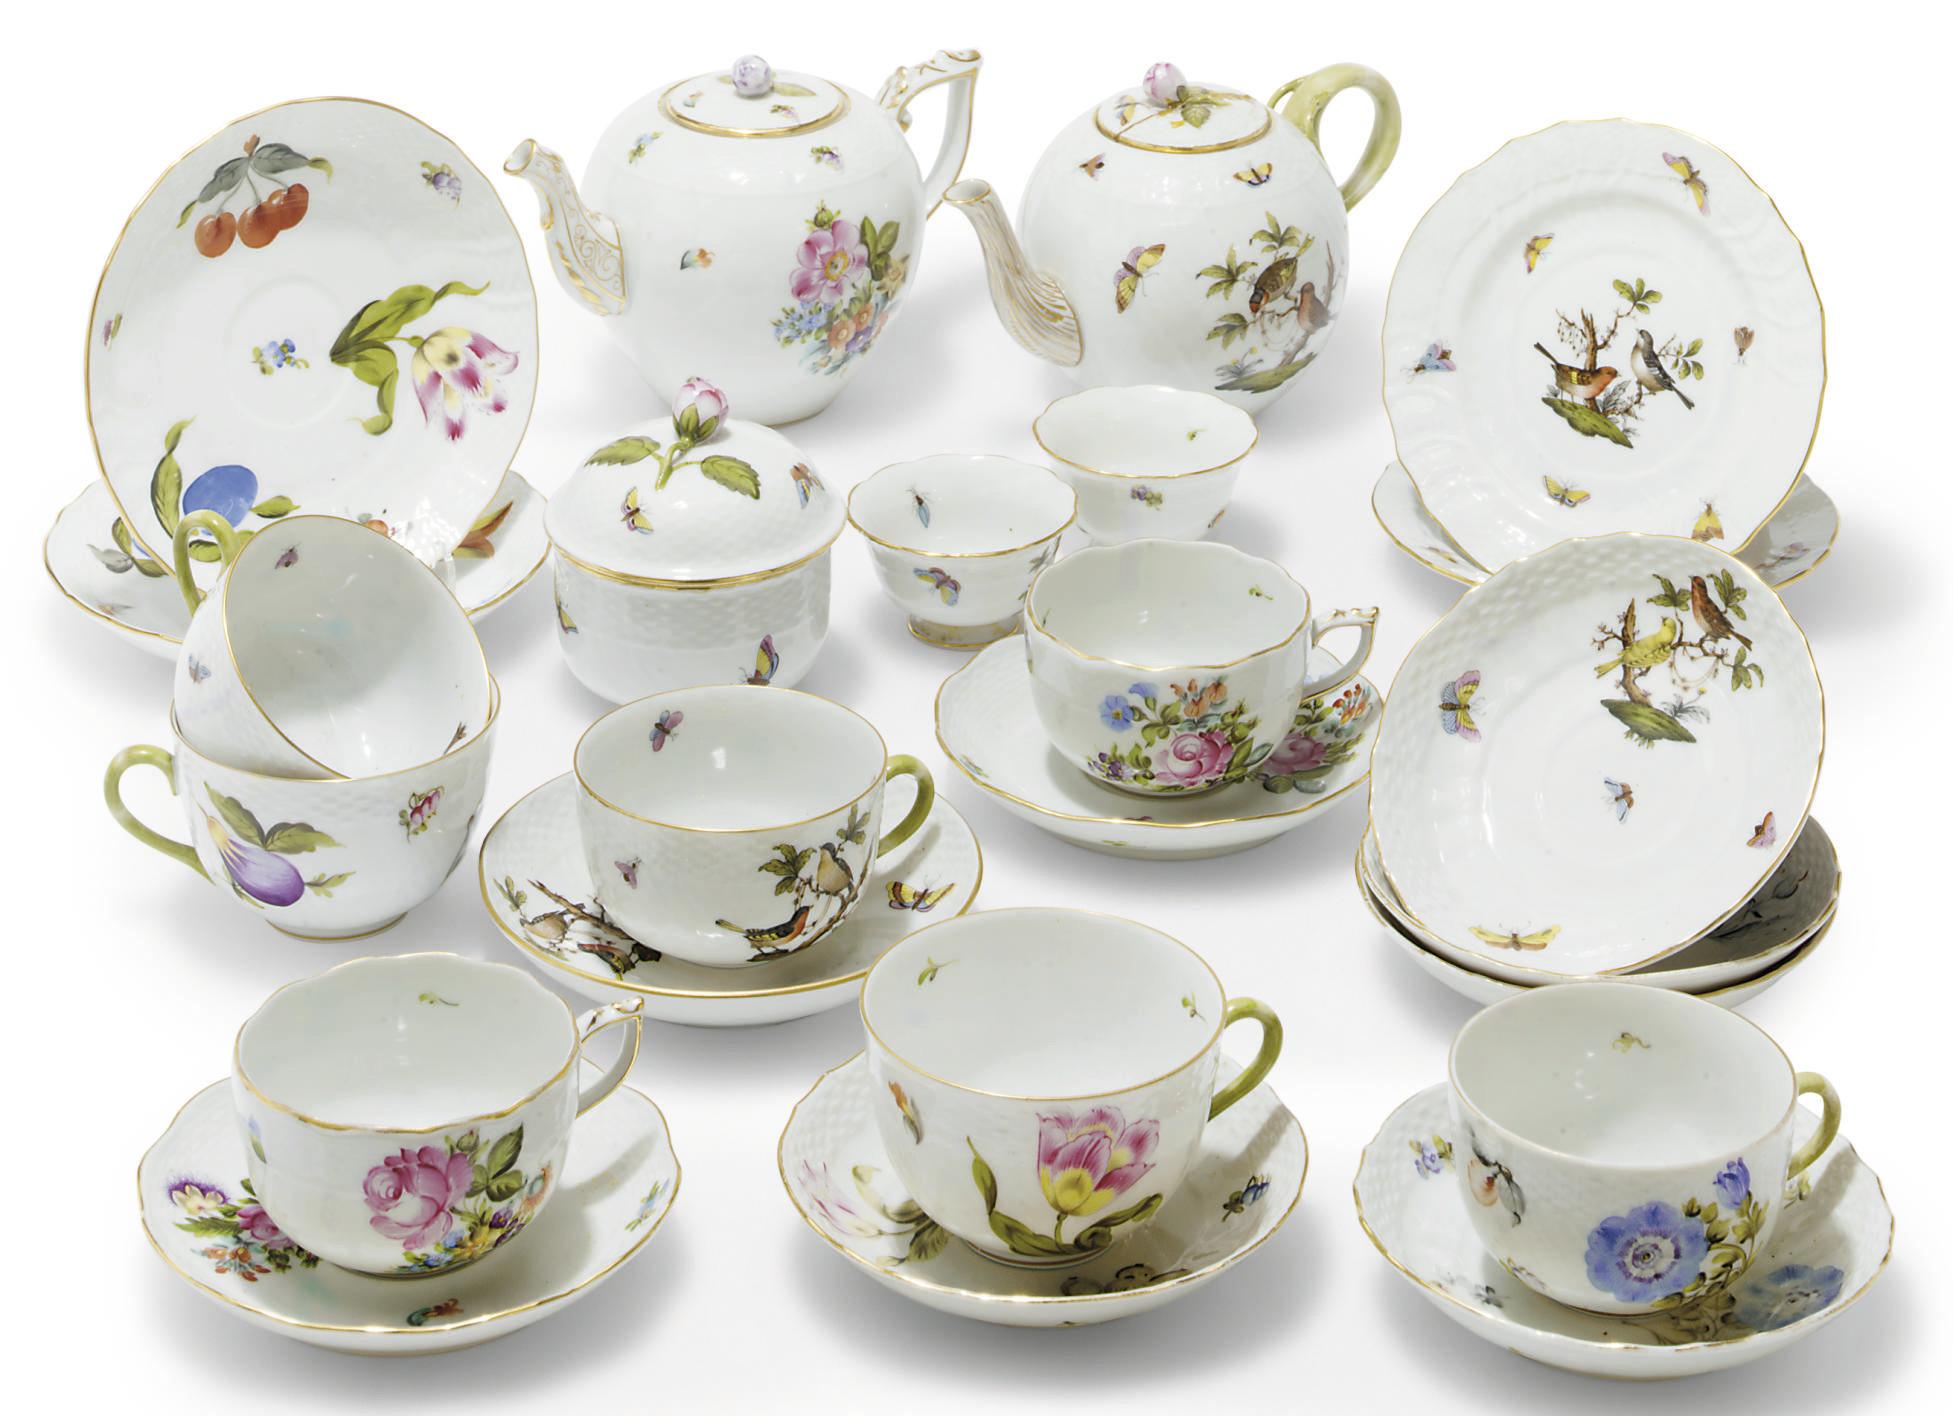 A HEREND COMPOSITE PART TEA SE